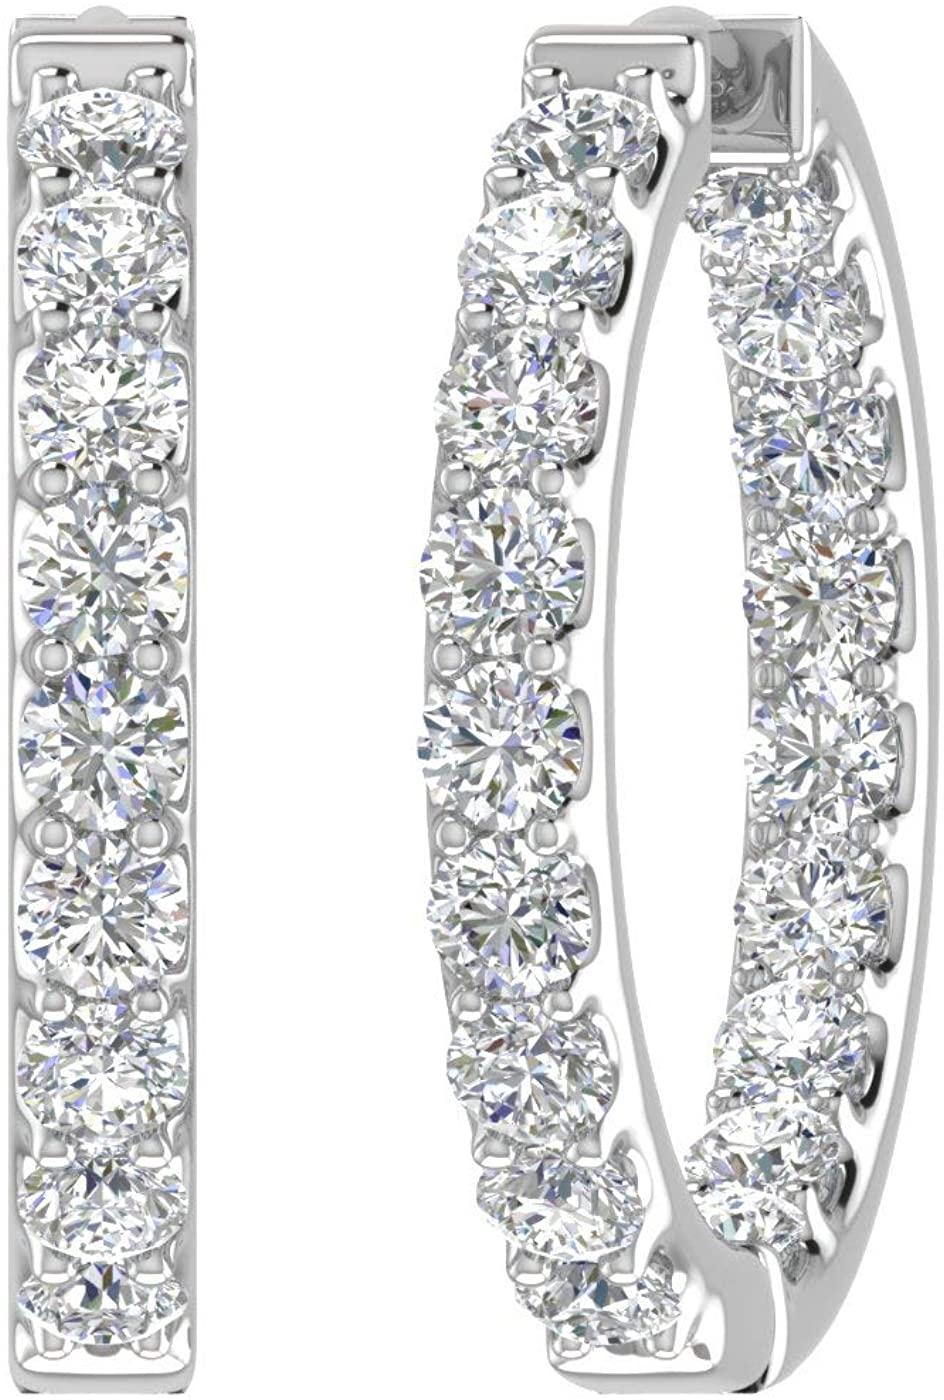 3 Carat to 4 Carat Diamond Inside Out Hoop Earrings in 14K Gold